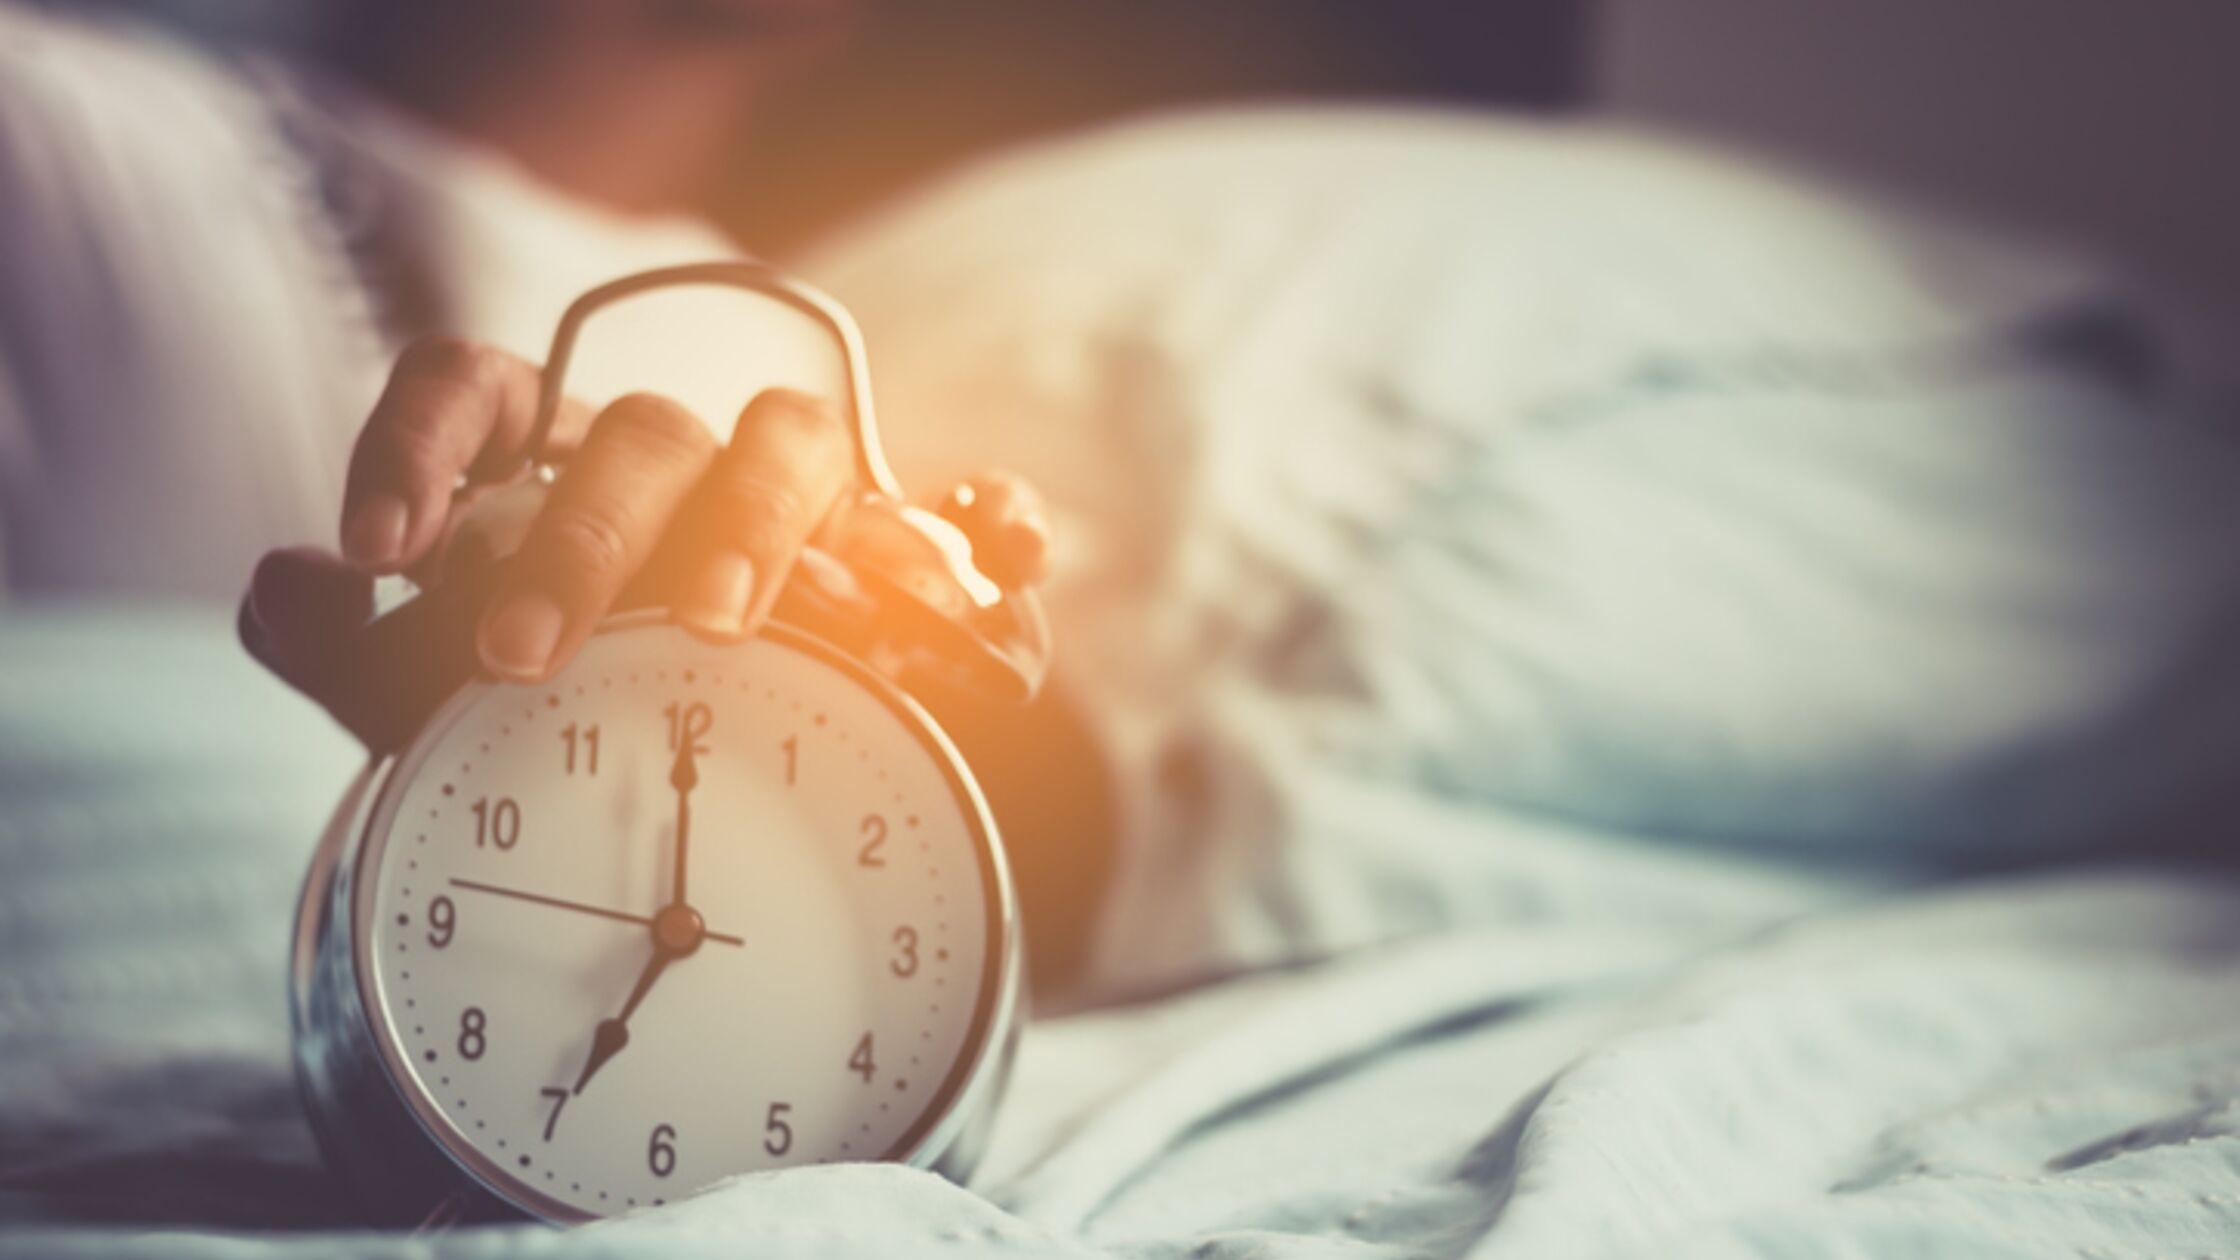 Wecker im Bett